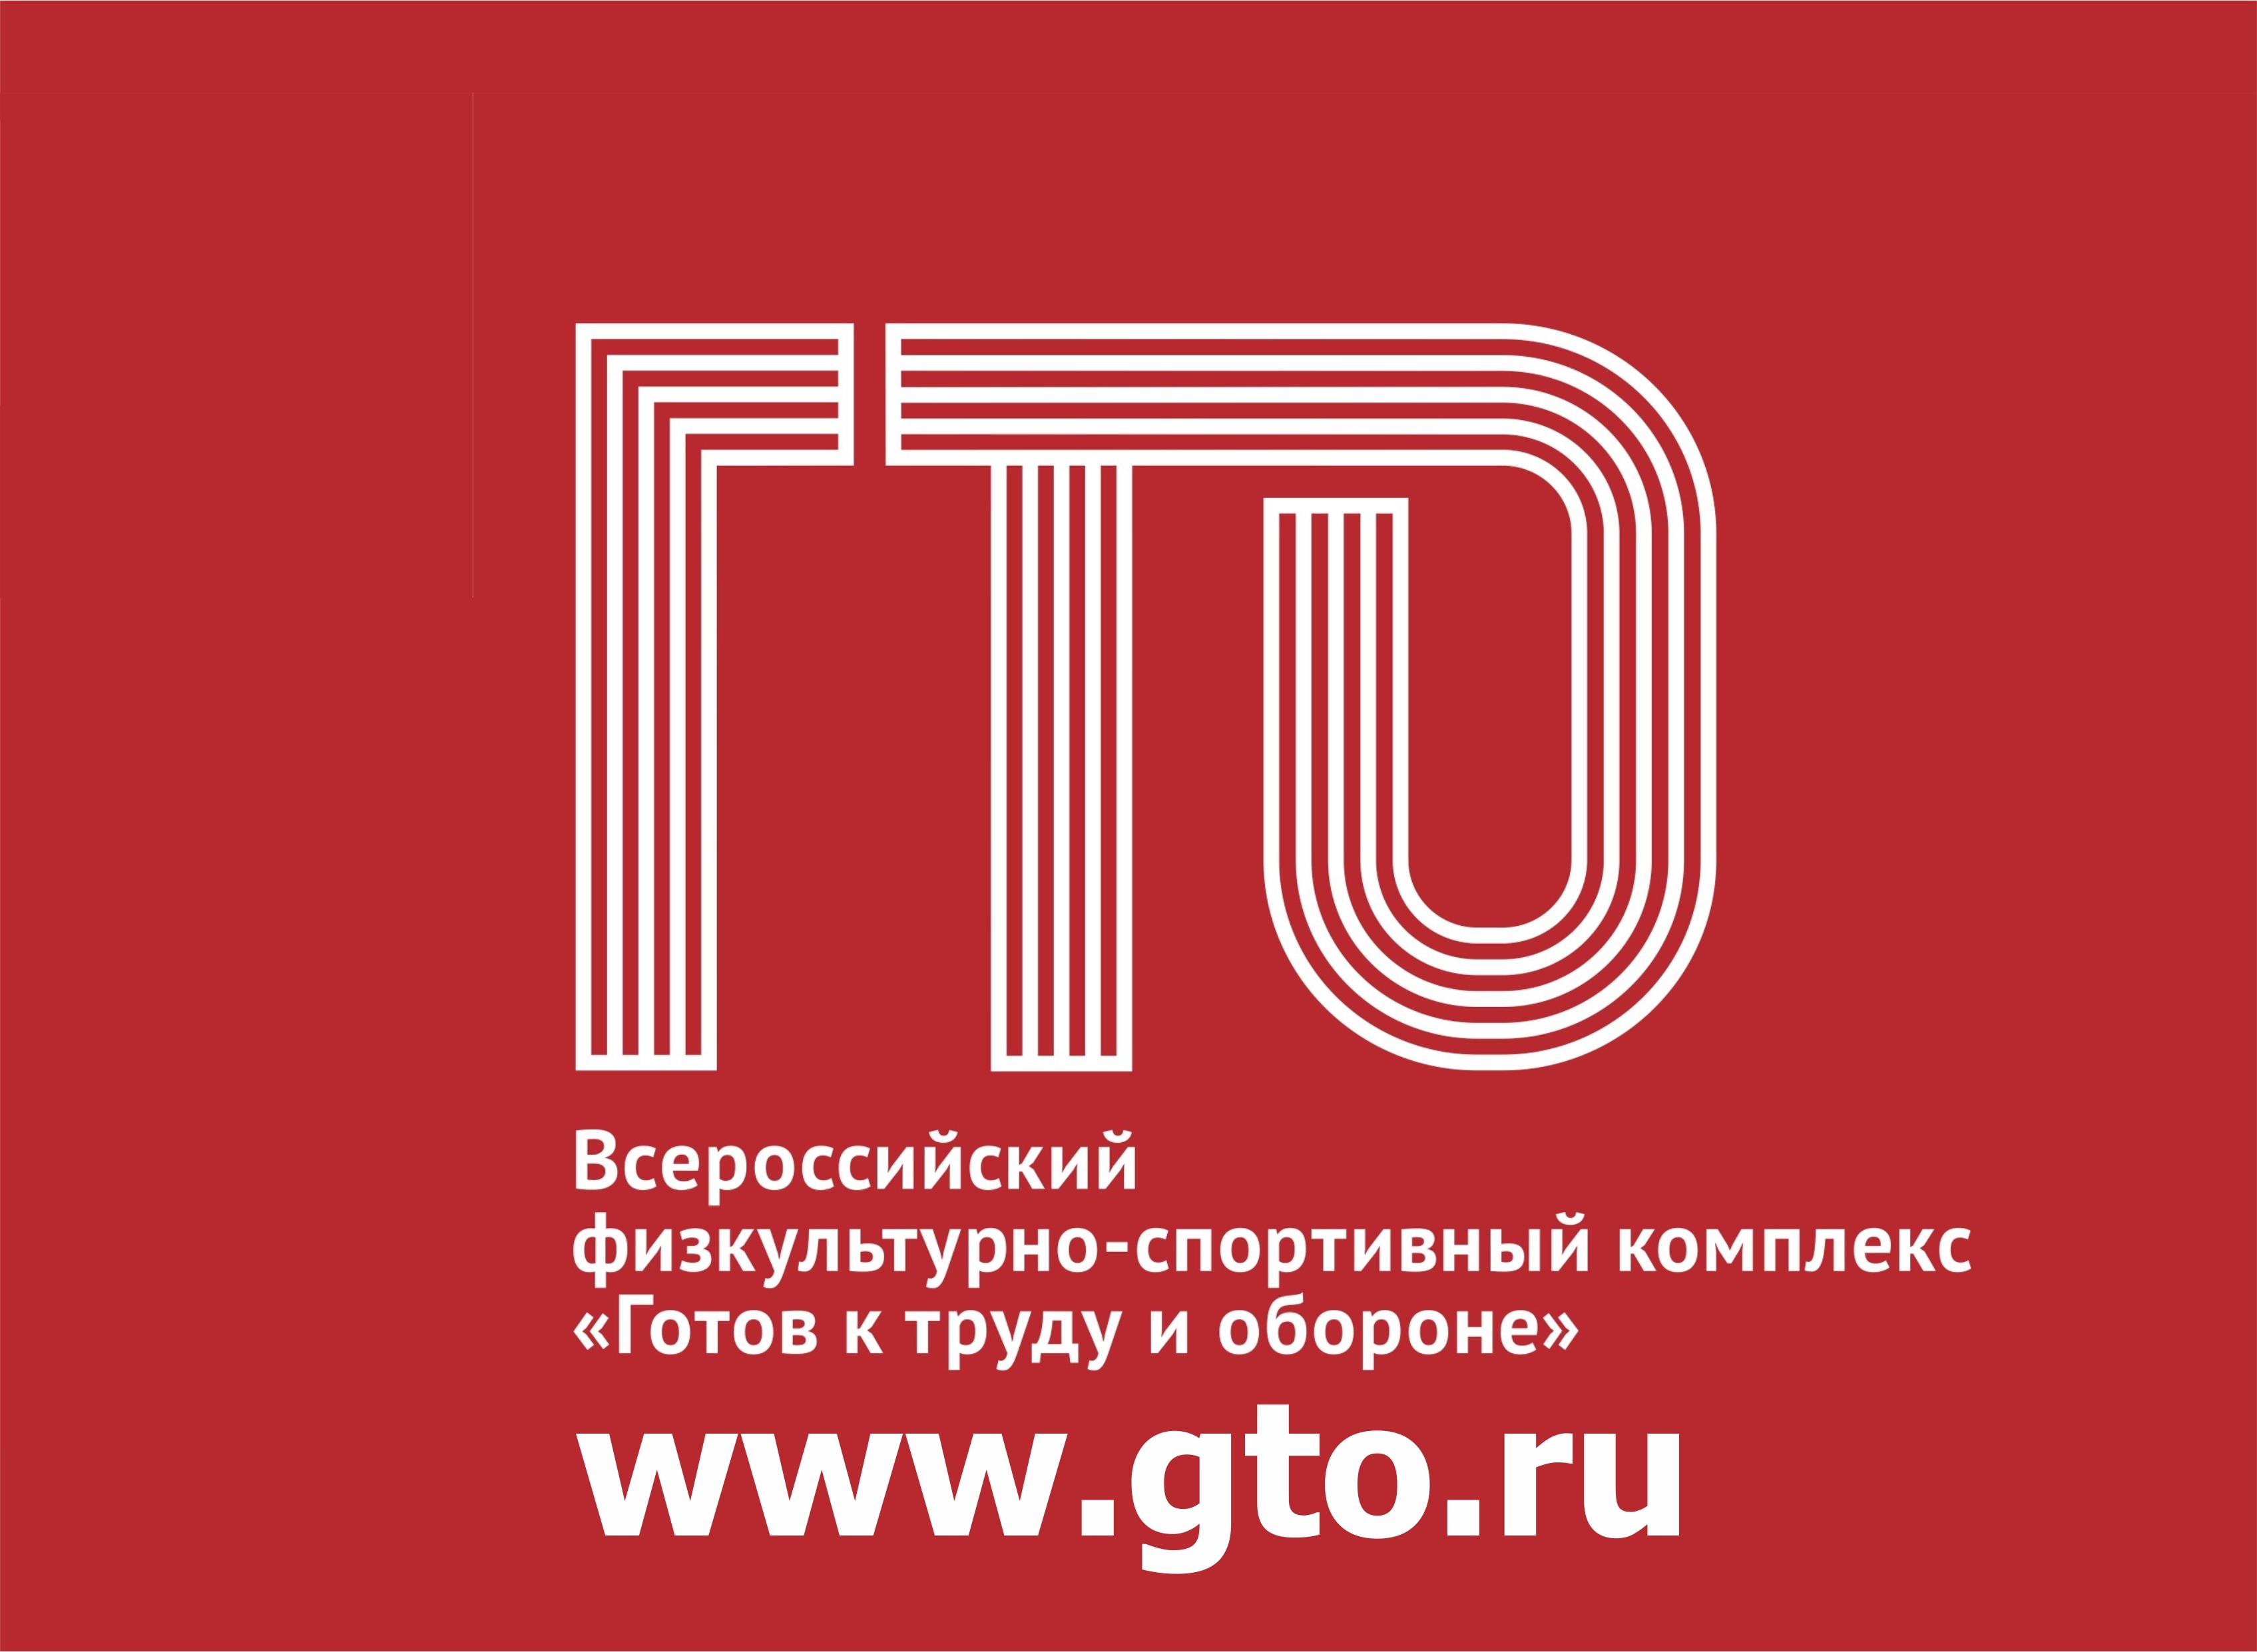 Воспитанники детского сада № 105 выполнили нормативы комплекса ГТО